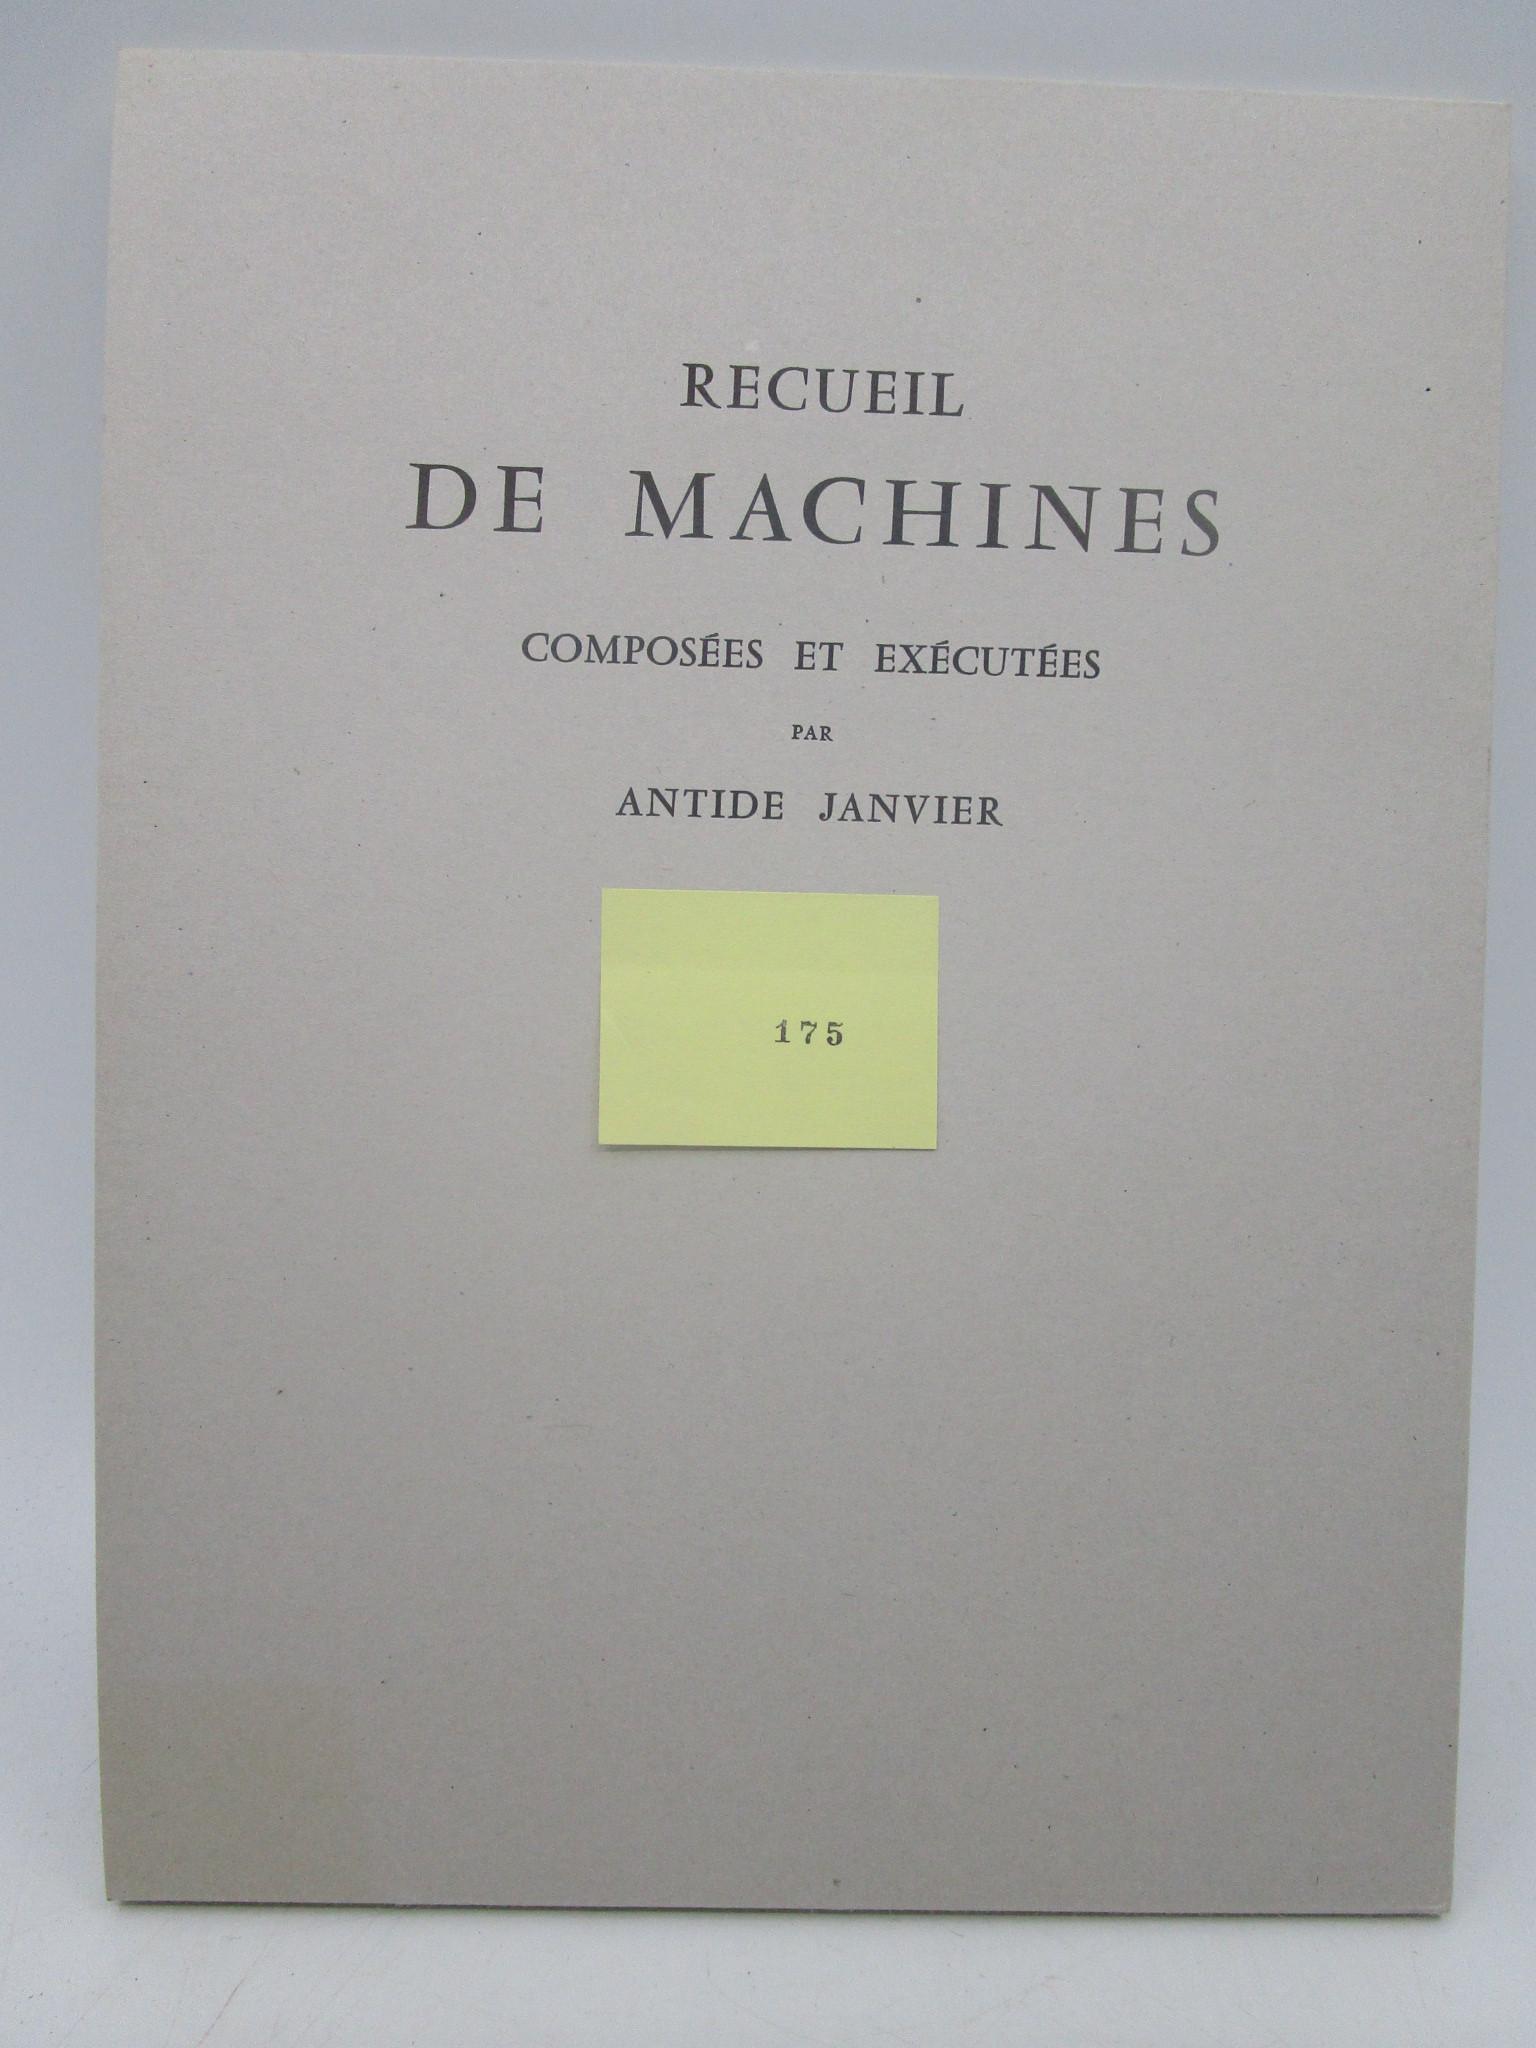 Image for Recueil de Machines composees et executees par Antide Janvier (Collection of compound machines and enforced by Antide Janvier)